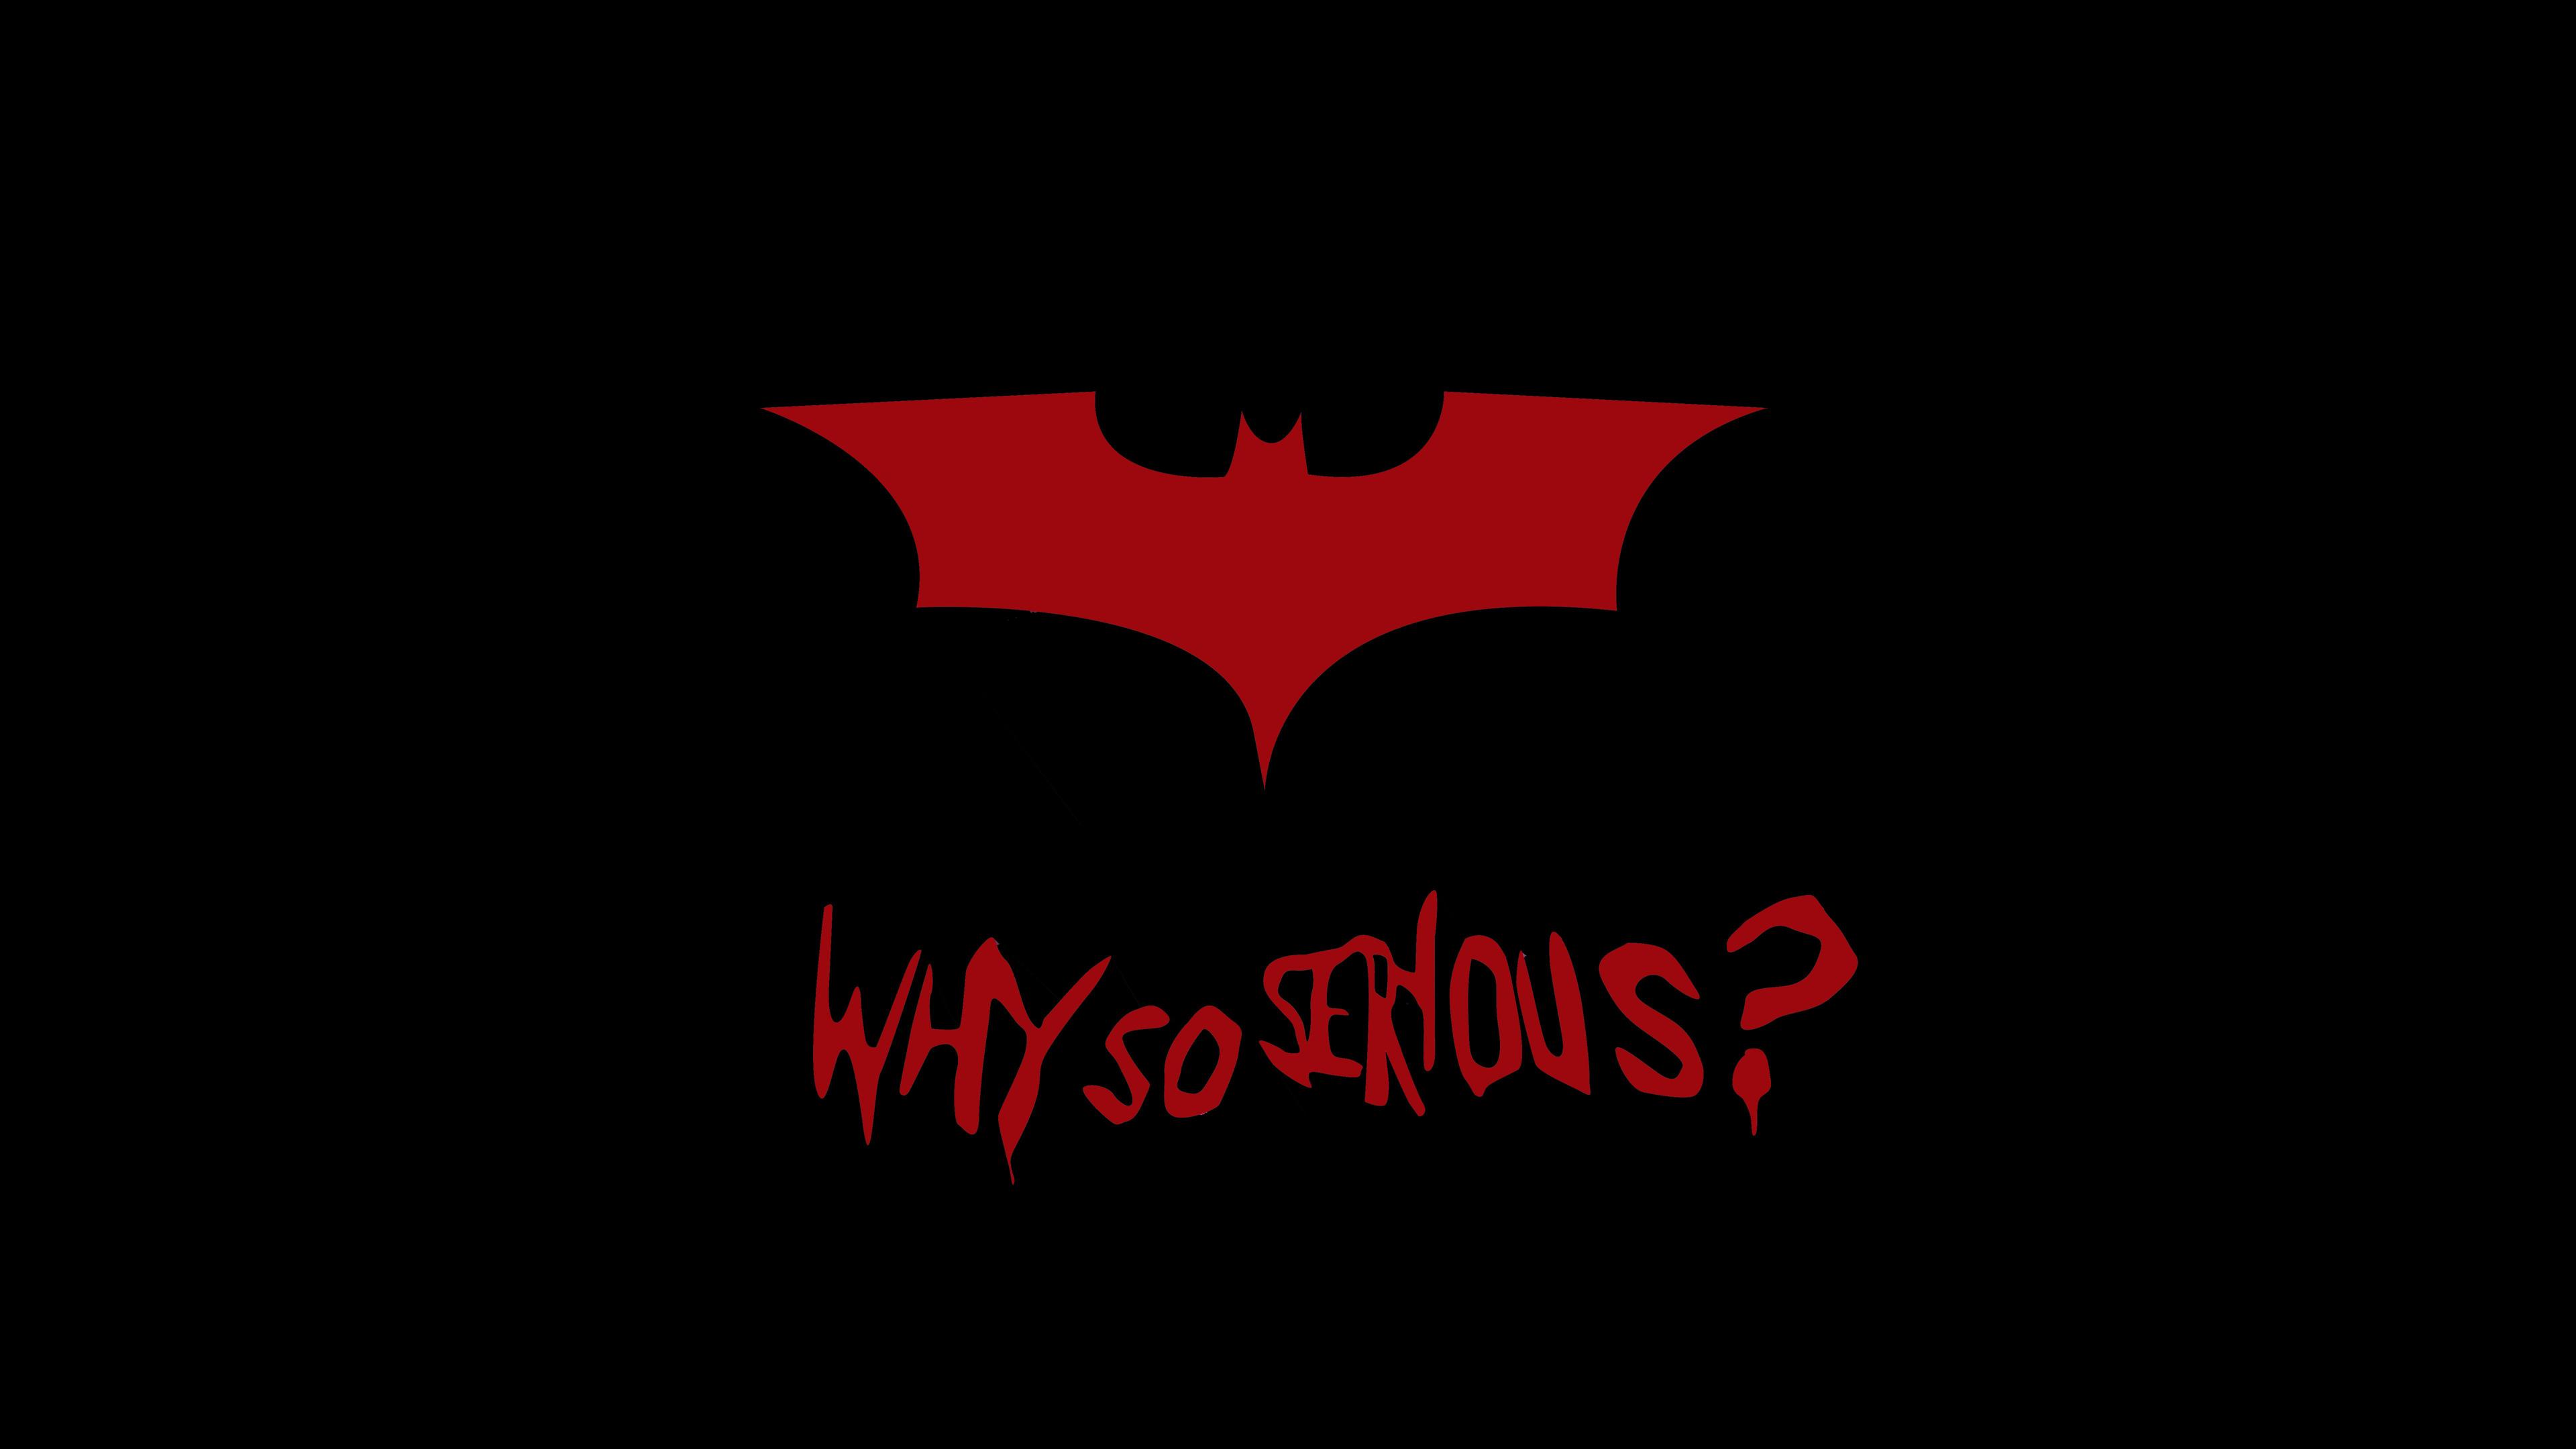 蝙蝠侠极简4k壁纸